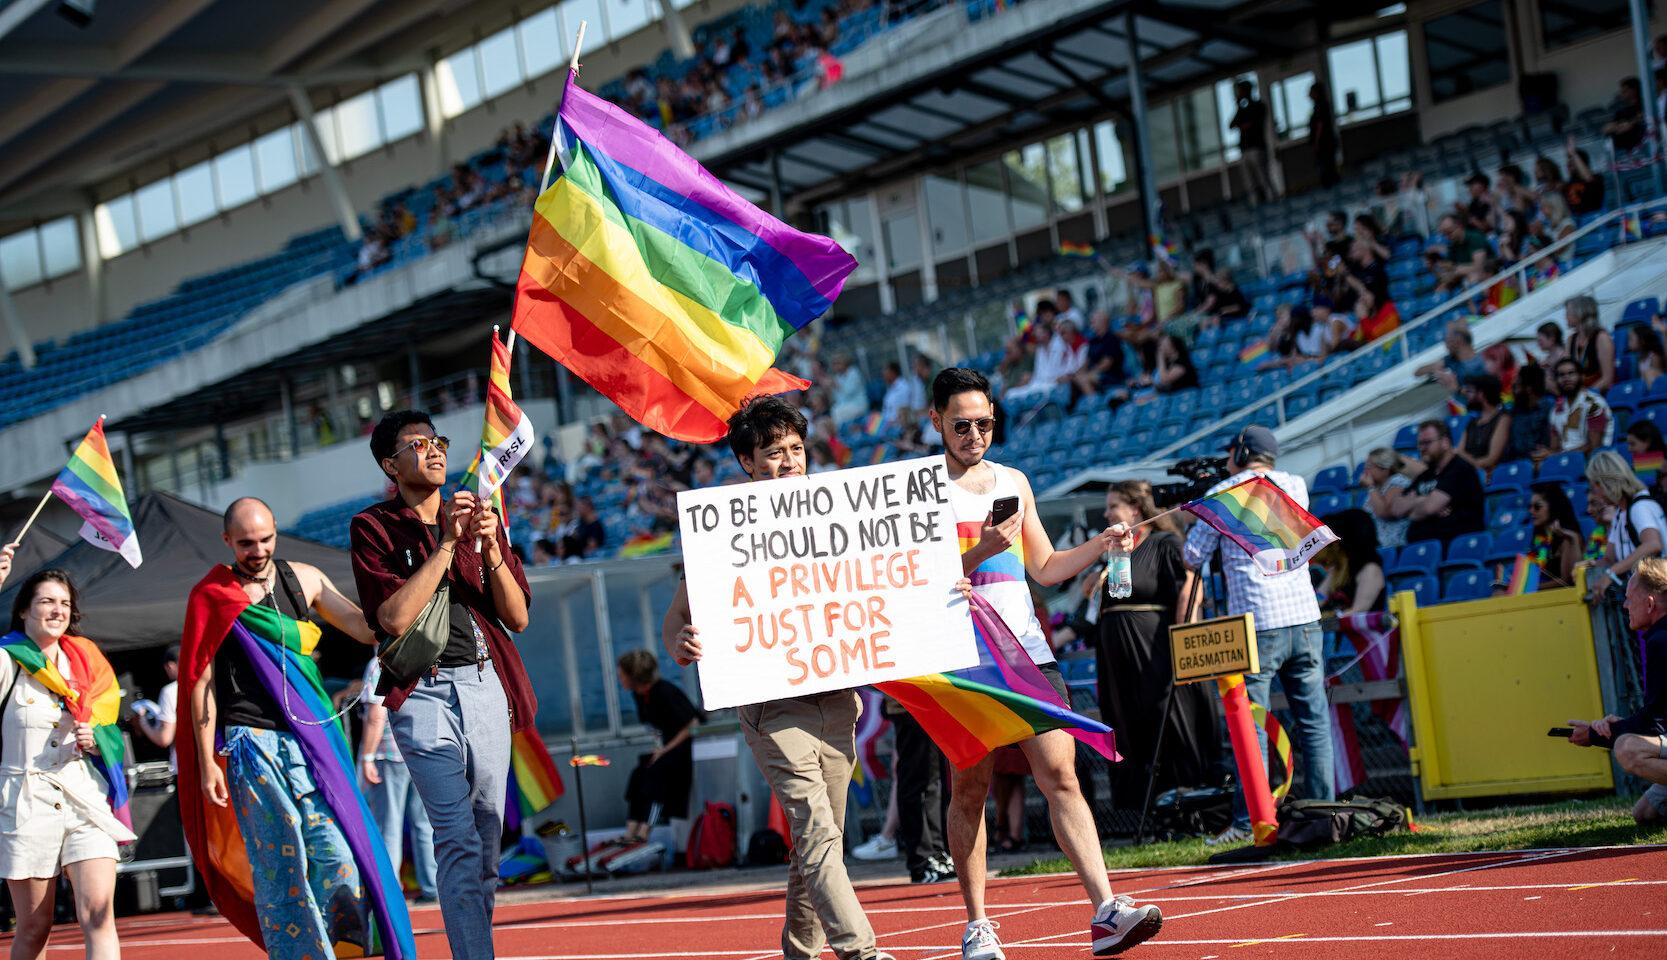 """Invigningen av World Pride på Malmö stadion, """"Att vara dem vi är ska inte vara ett privilegium endast för ett fåtal"""", står det på skylten."""